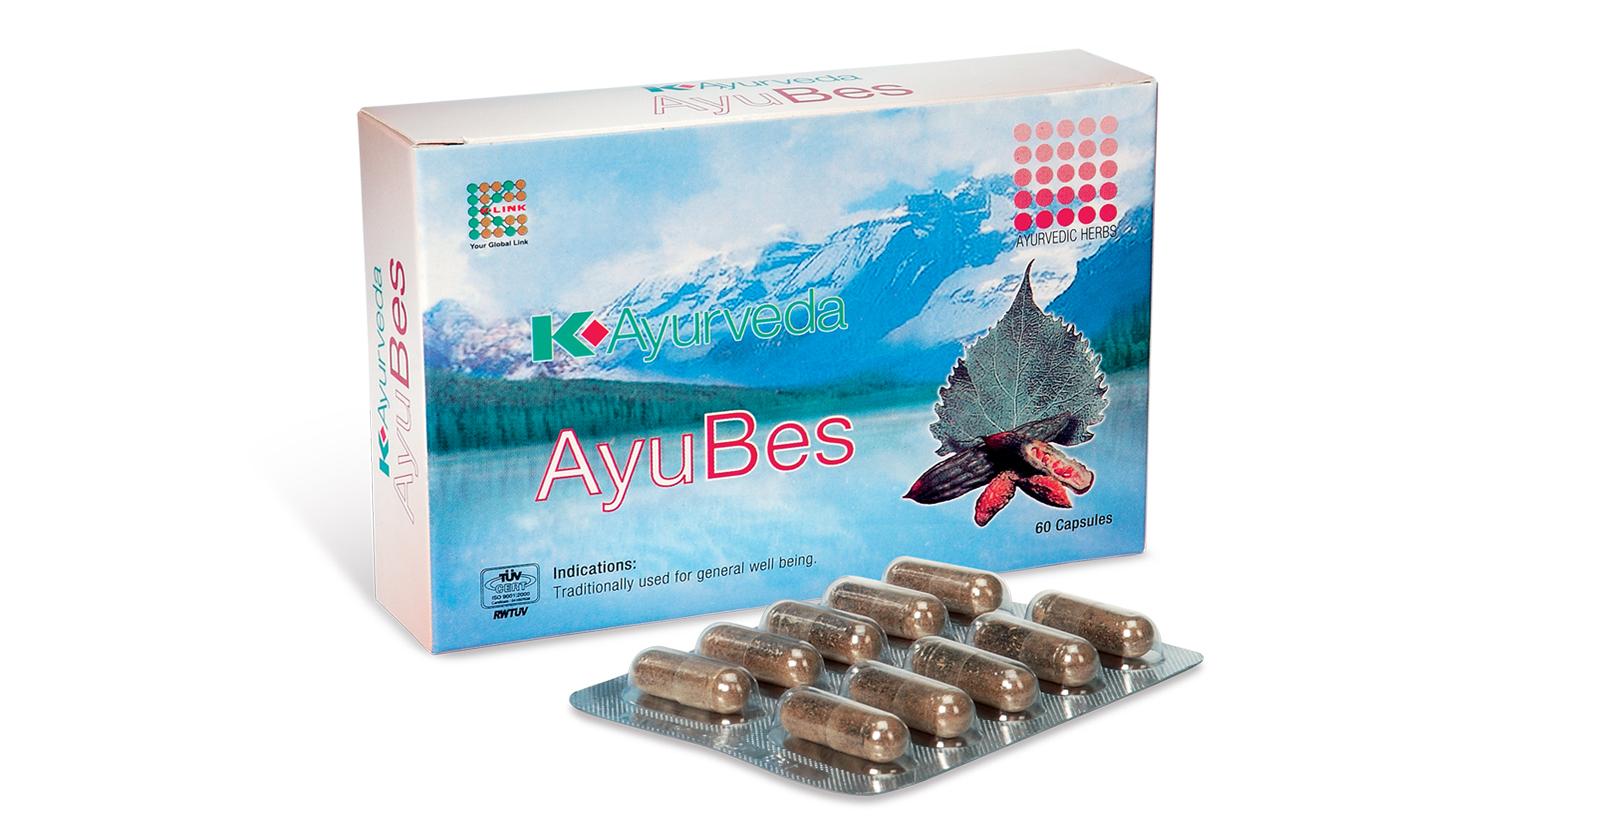 Jual Original 100 K Ayurveda Ayubes Capsule 60 Pcs Ayyub Makmur